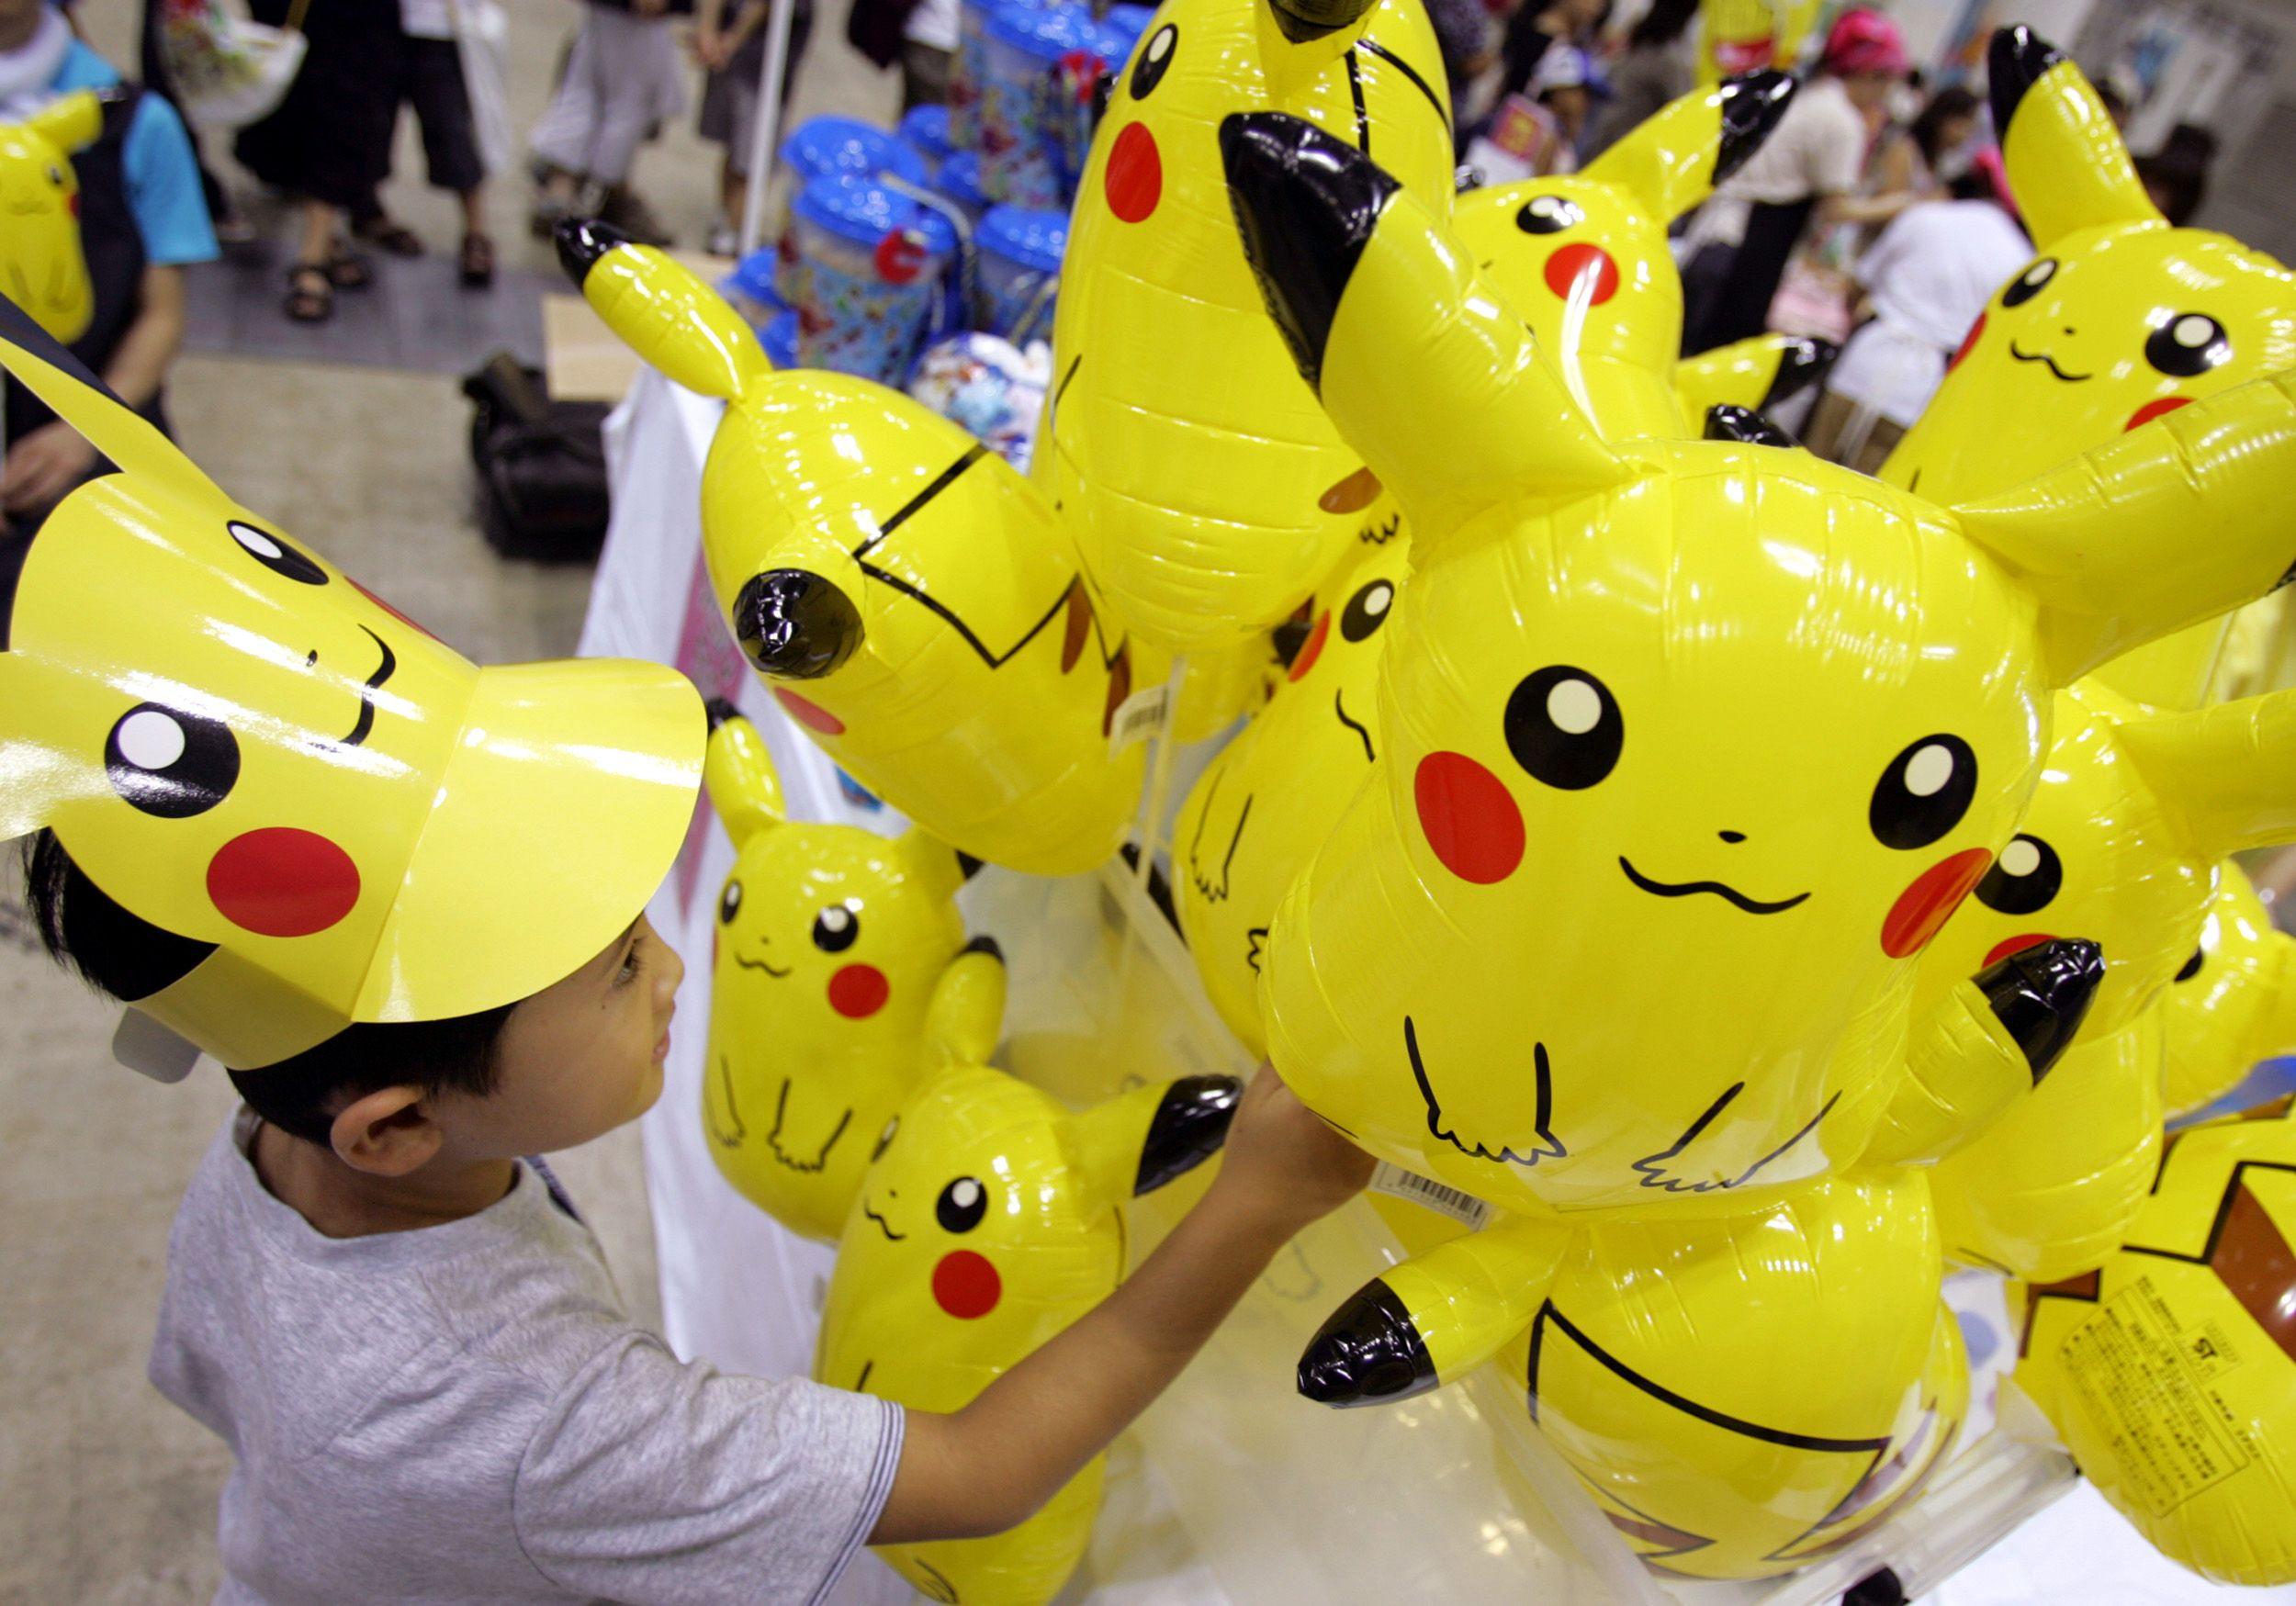 Toutes les choses insolites que les gens ont fait avec Pokemon Go